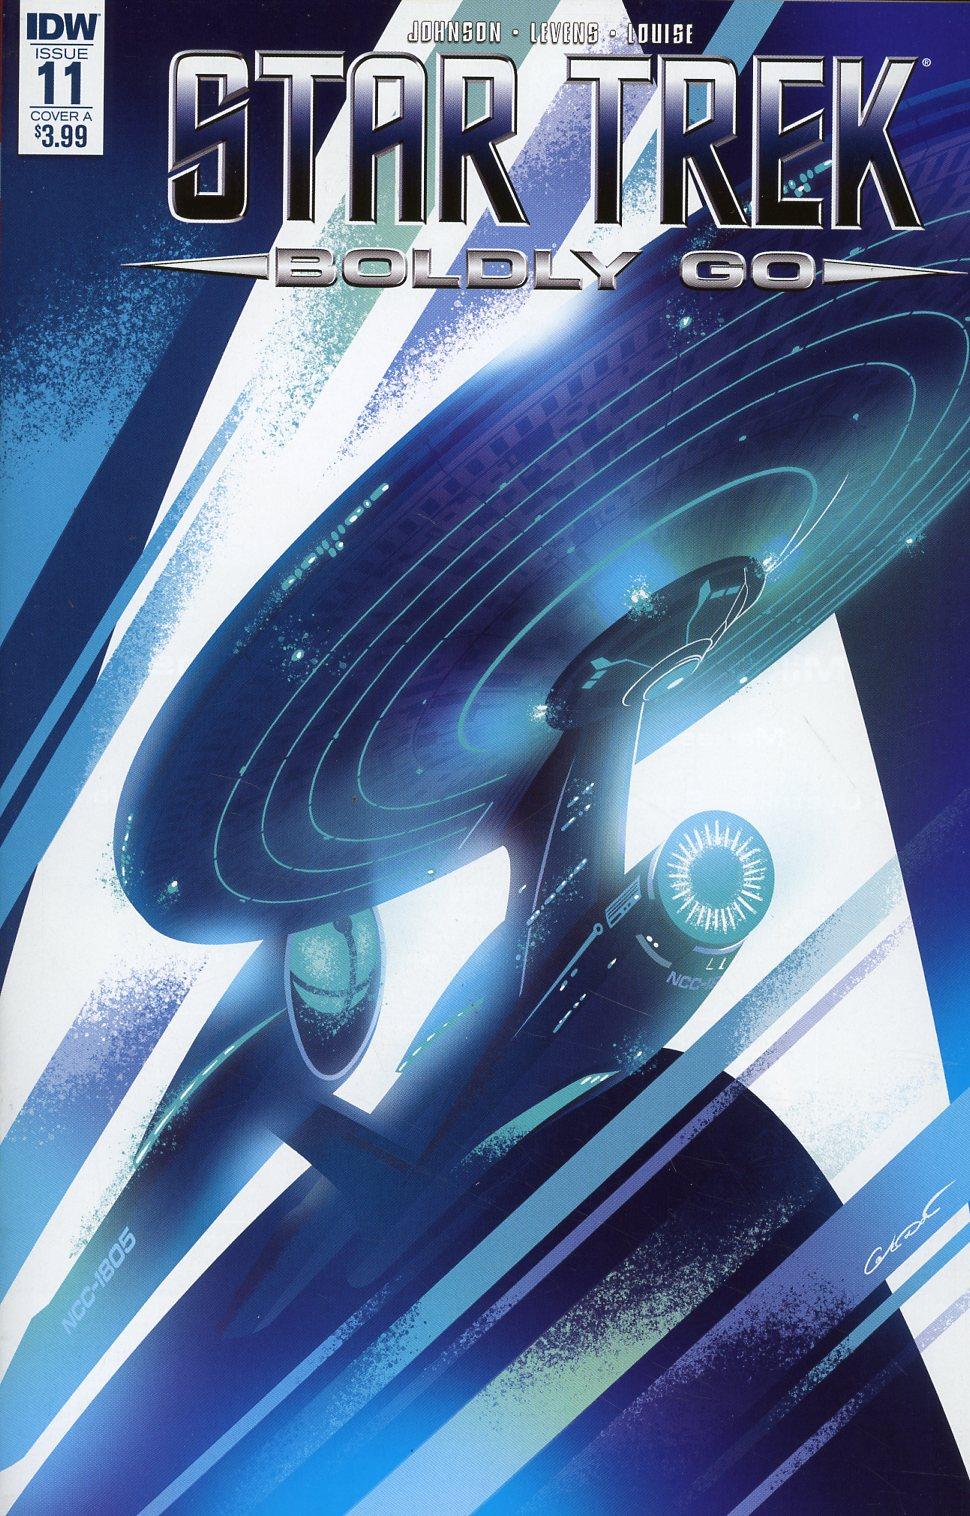 Star Trek Boldly Go #11 Cover A Regular George Caltsoudas Cover